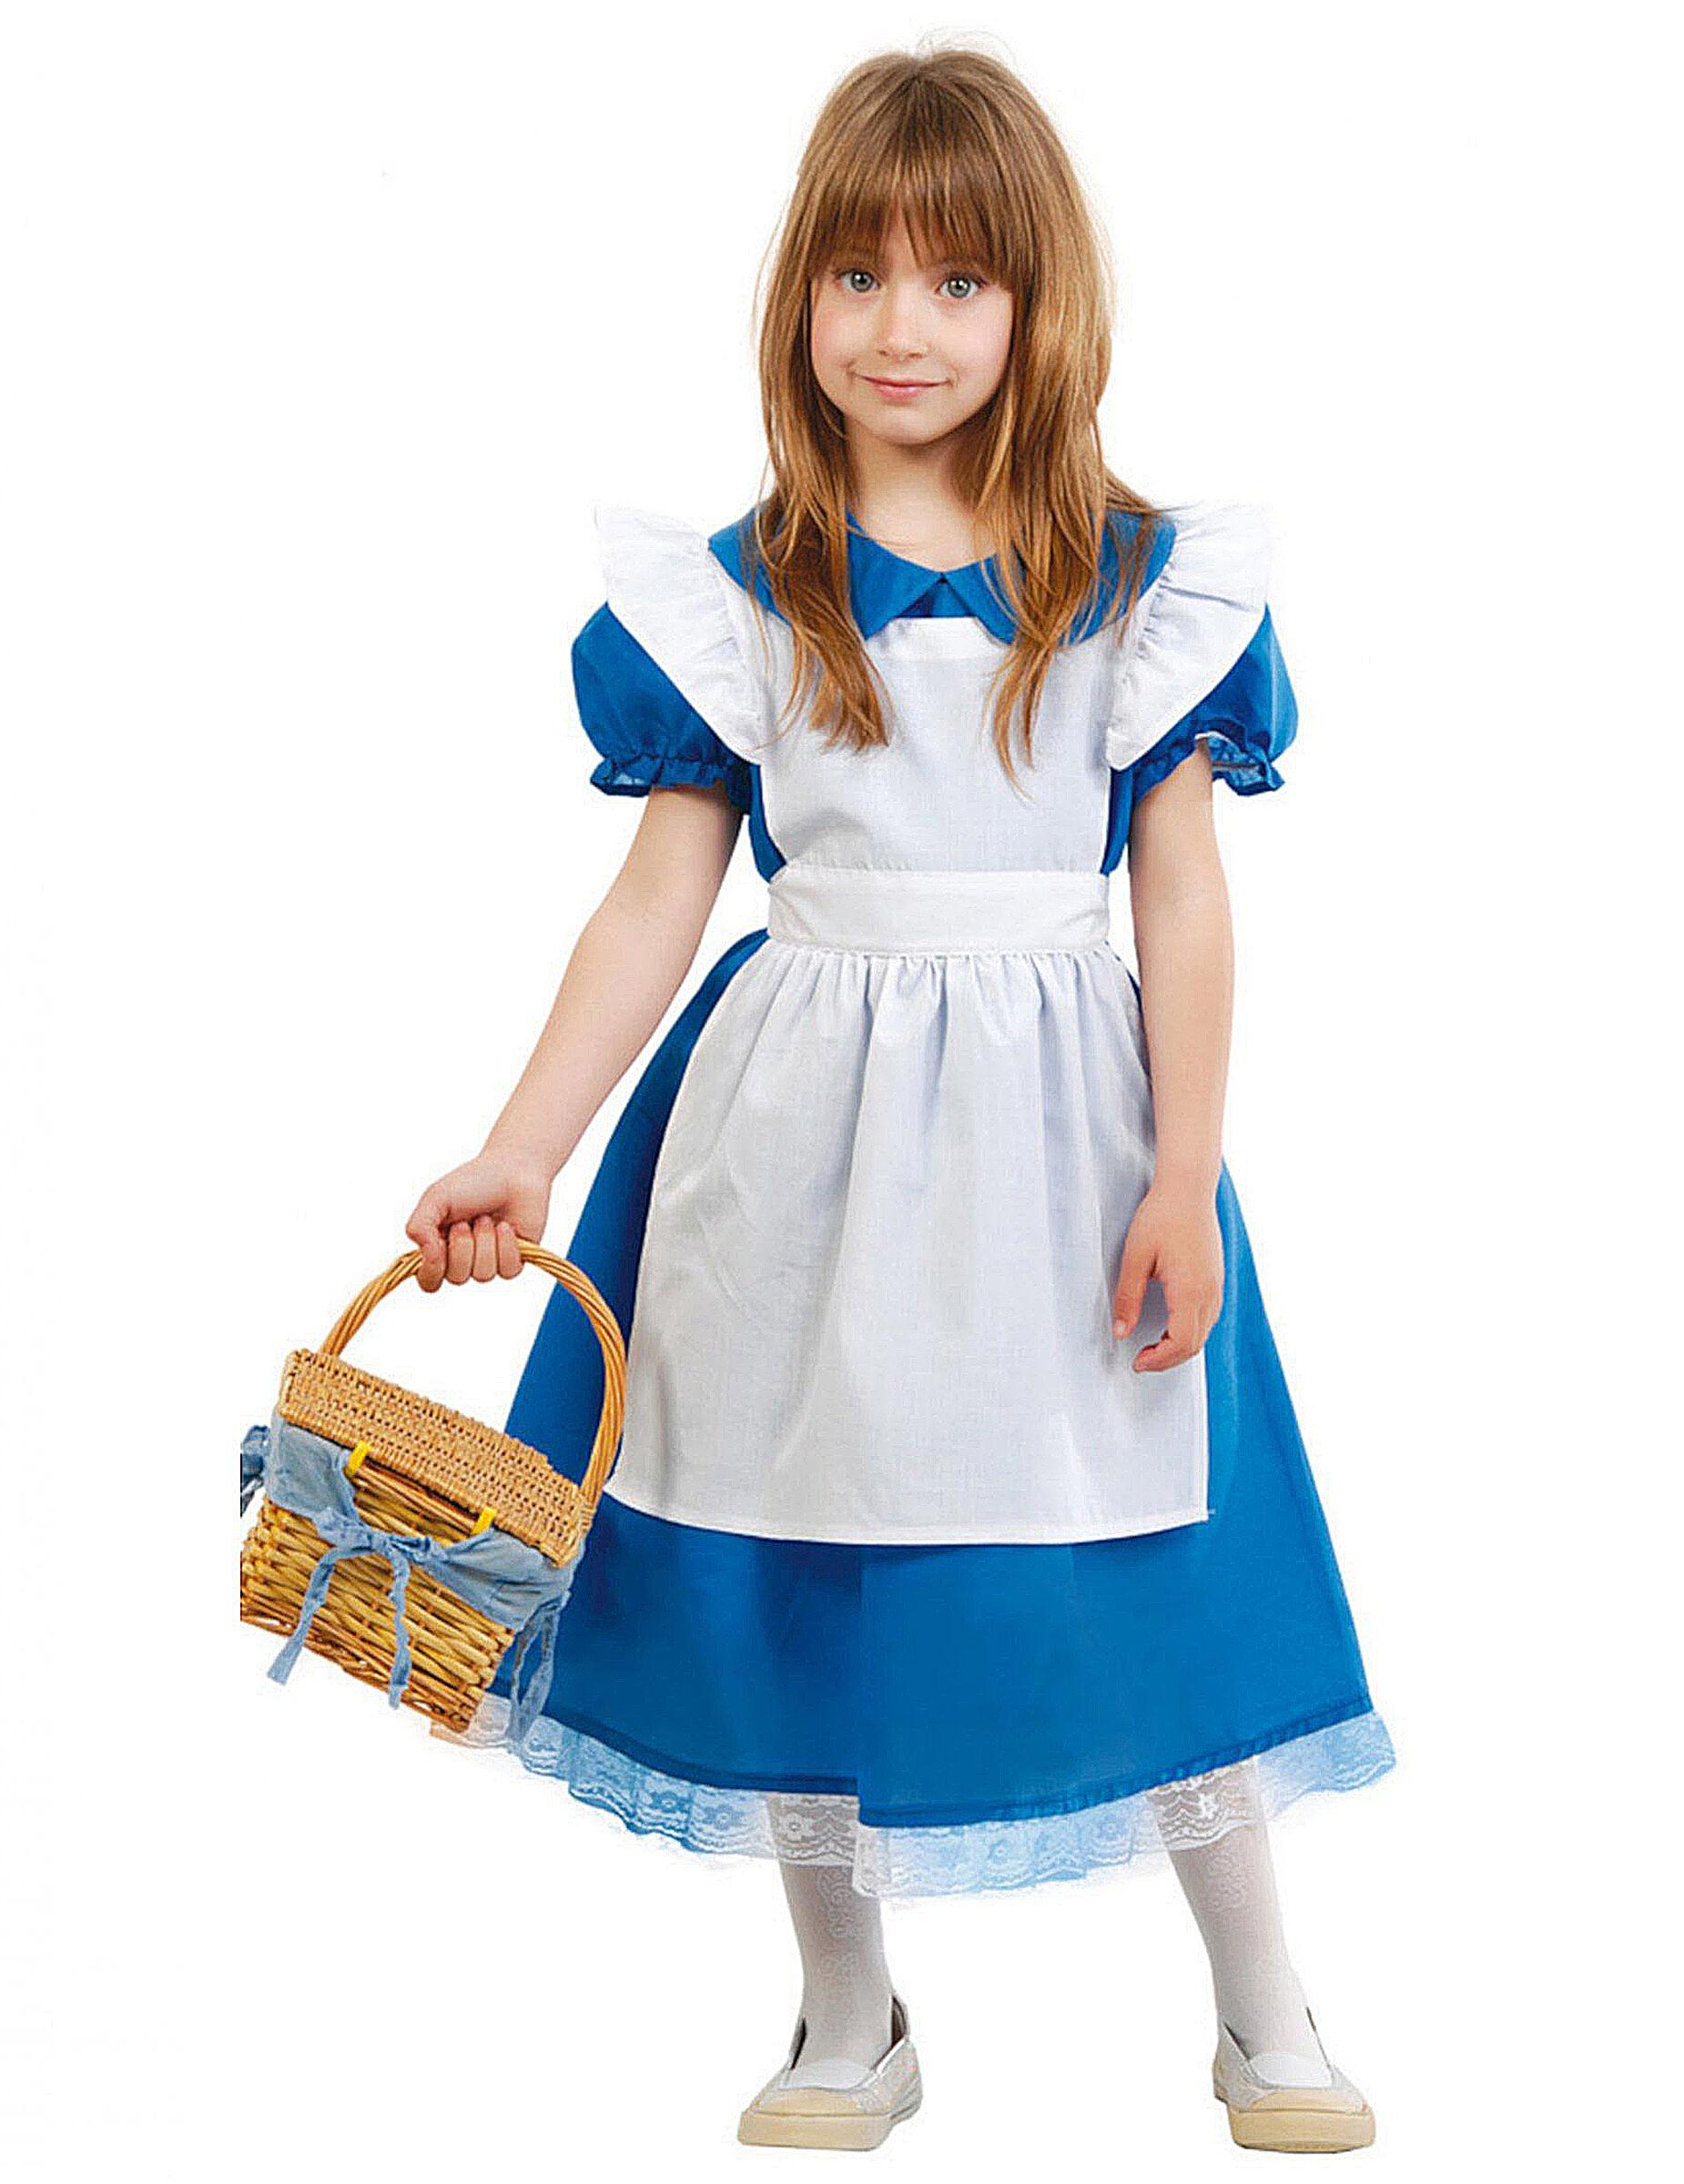 Deguisetoi Déguisement princesse merveilleuse fille - Taille: 5 à 6 ans (110-115 cm)